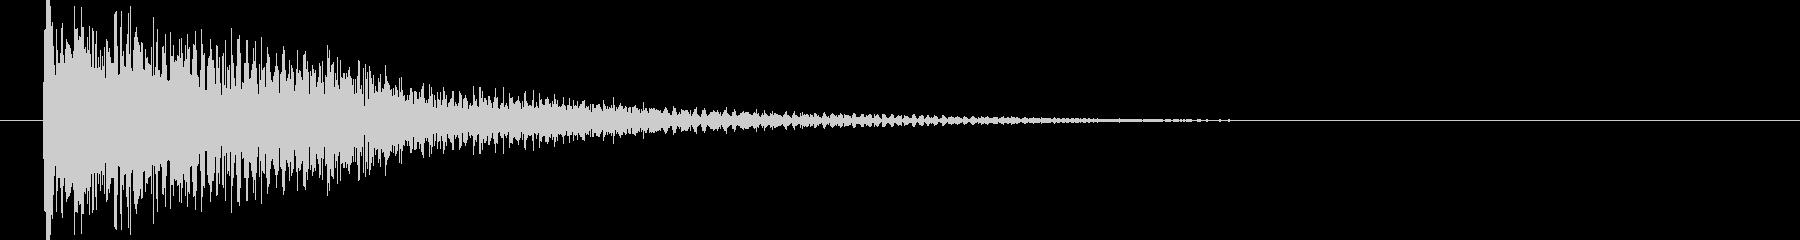 映画告知音84 ドーンの未再生の波形